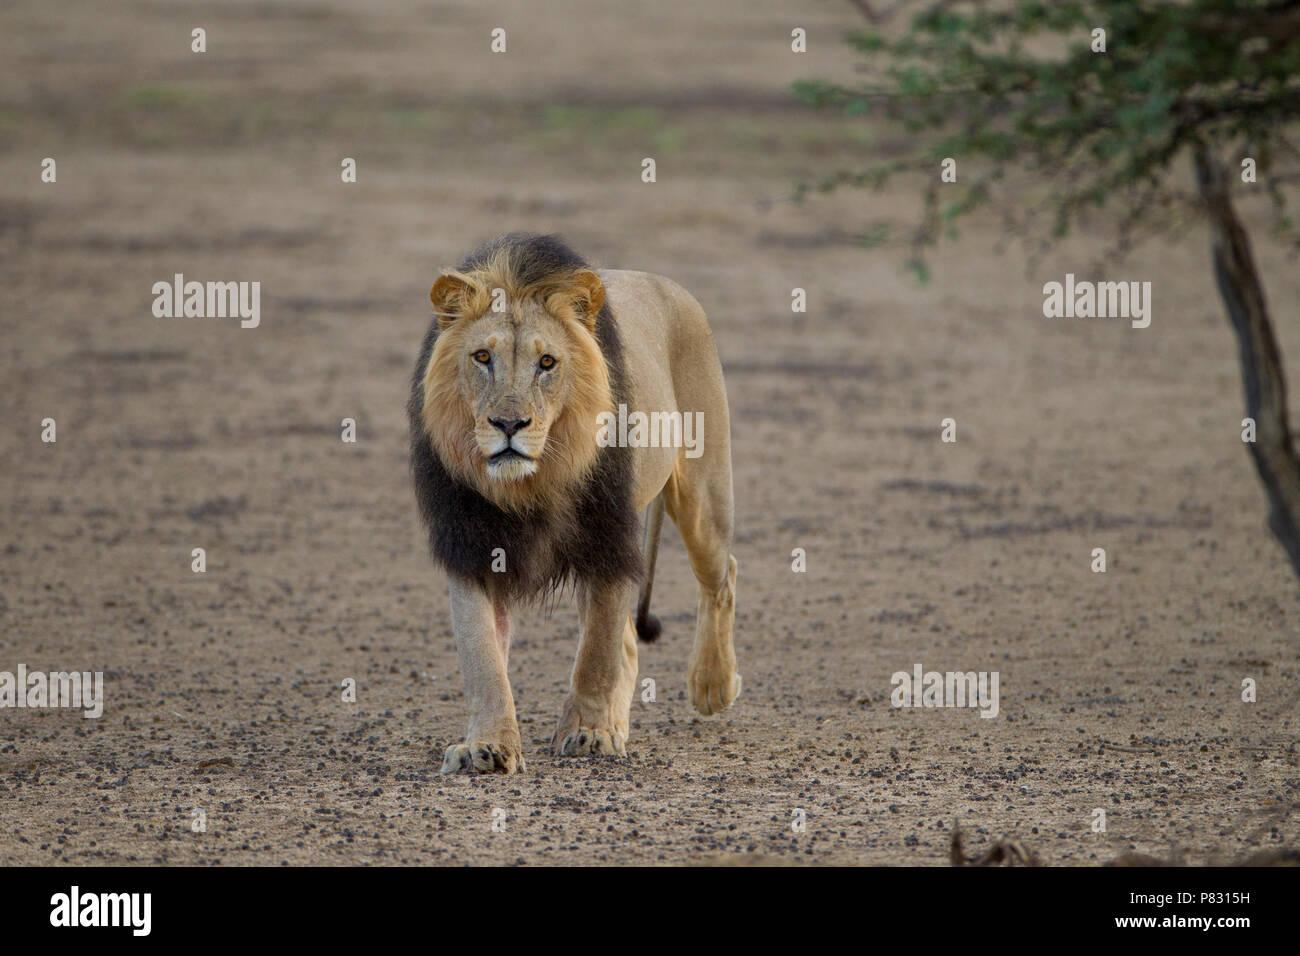 Male black maned Kalahari desert lion in the bush - Stock Image